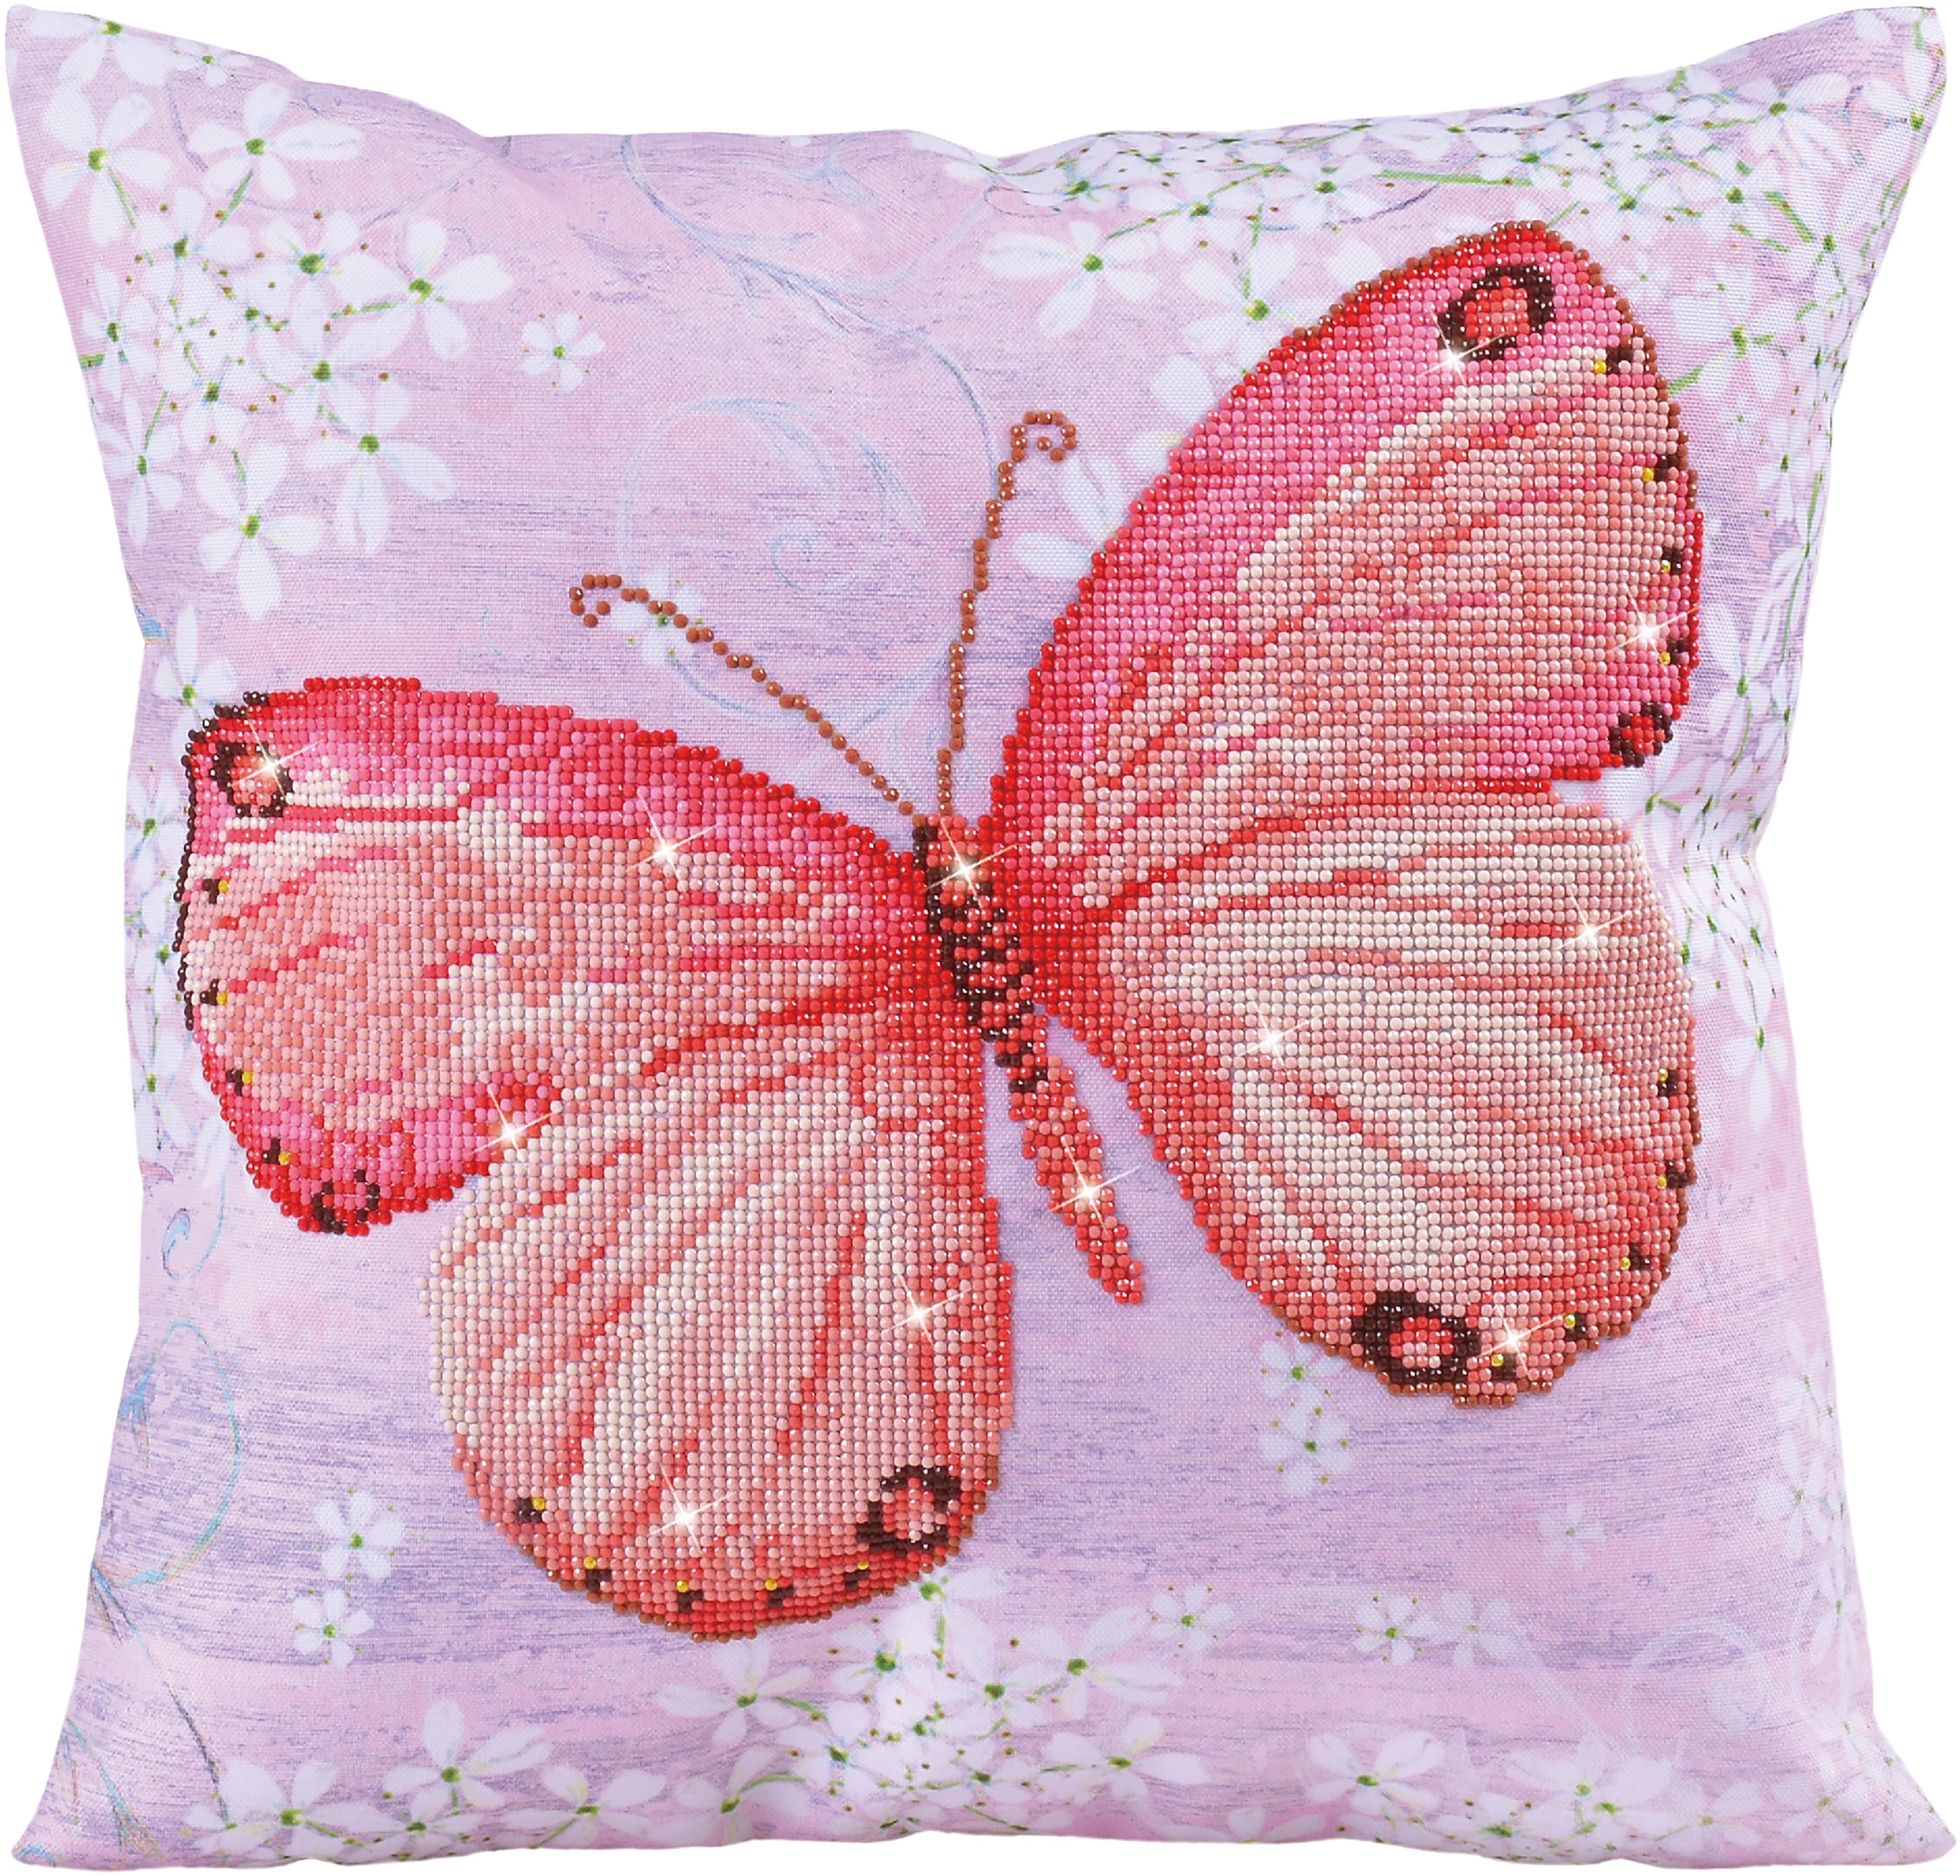 Diamond Dotz Diamond Embroidery Pillow Facet Art Kit-Pink Flutter (17.5X17.5)